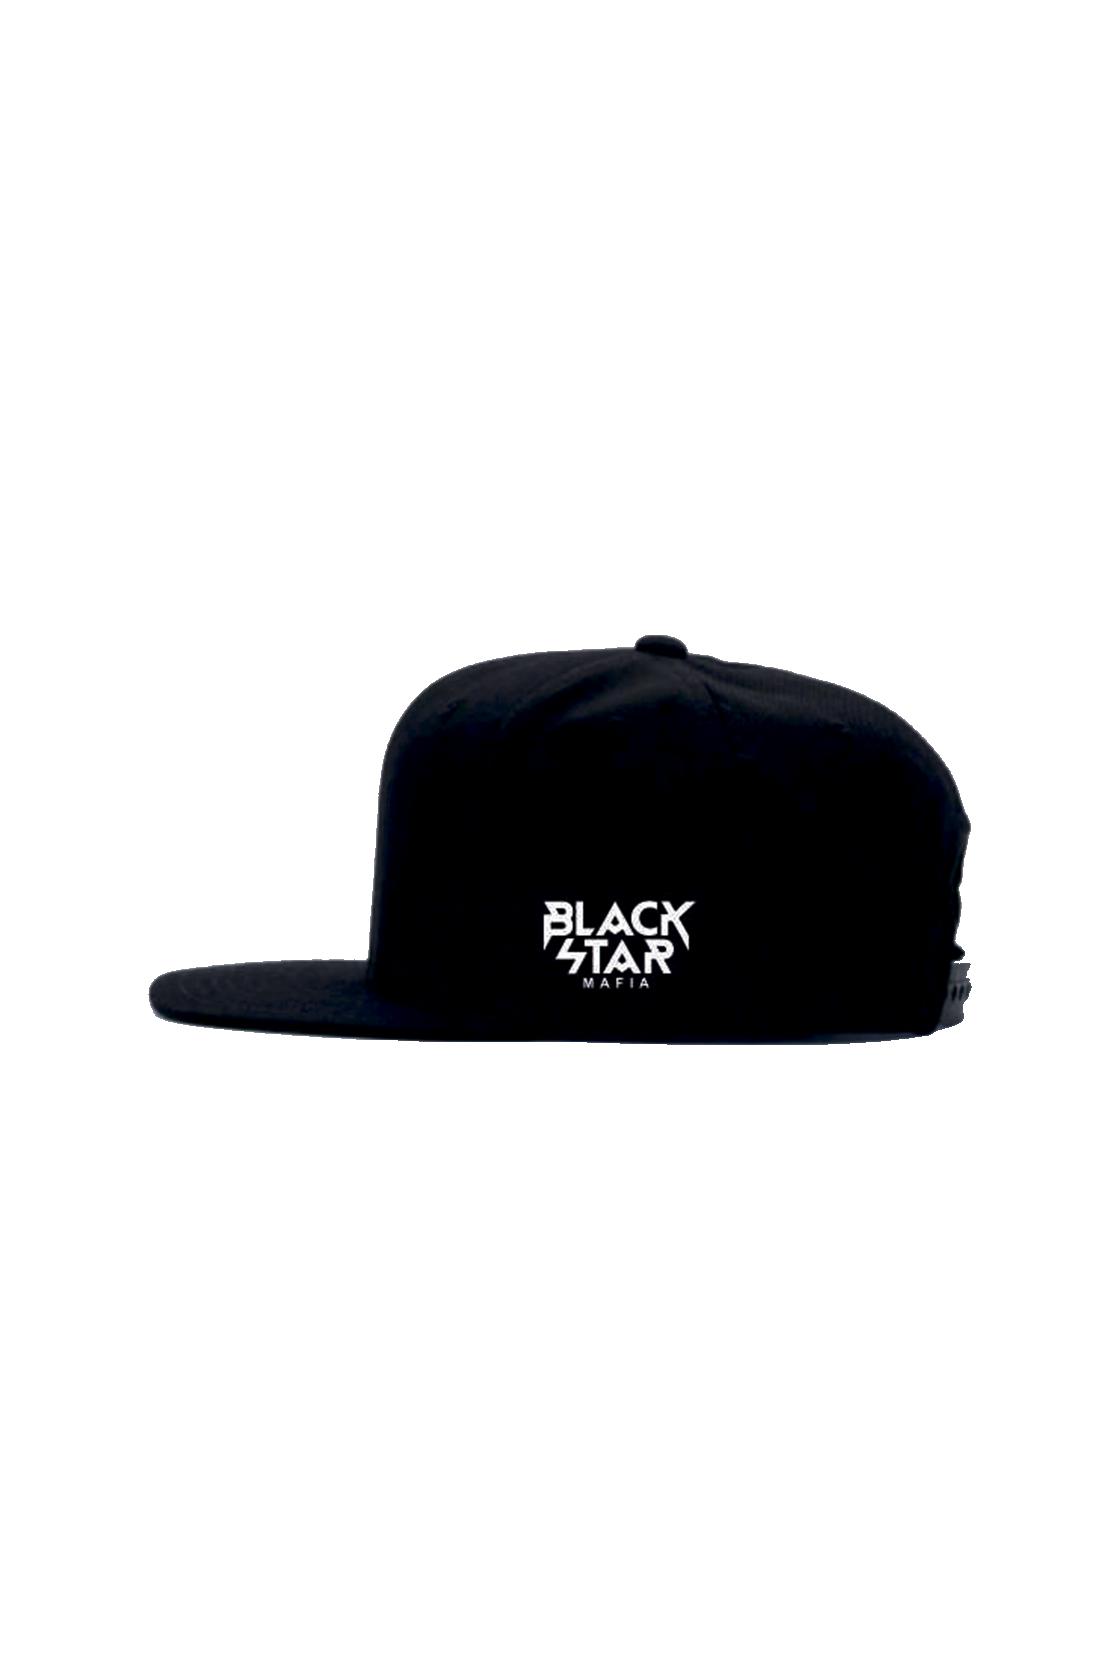 Бейсболка мужская Black Star MafiaSnapback с вышивкой M Mafia на лицевой части и Black Star Mafia сбоку. Изначально Snapback был разработан под большой  концерт в Крокус Сити Холл, лимитированной партией, специально для  Тимати и его команды из 20 человек.<br><br>Размер: Единый размер<br>Цвет: Черный<br>Пол: Унисекс